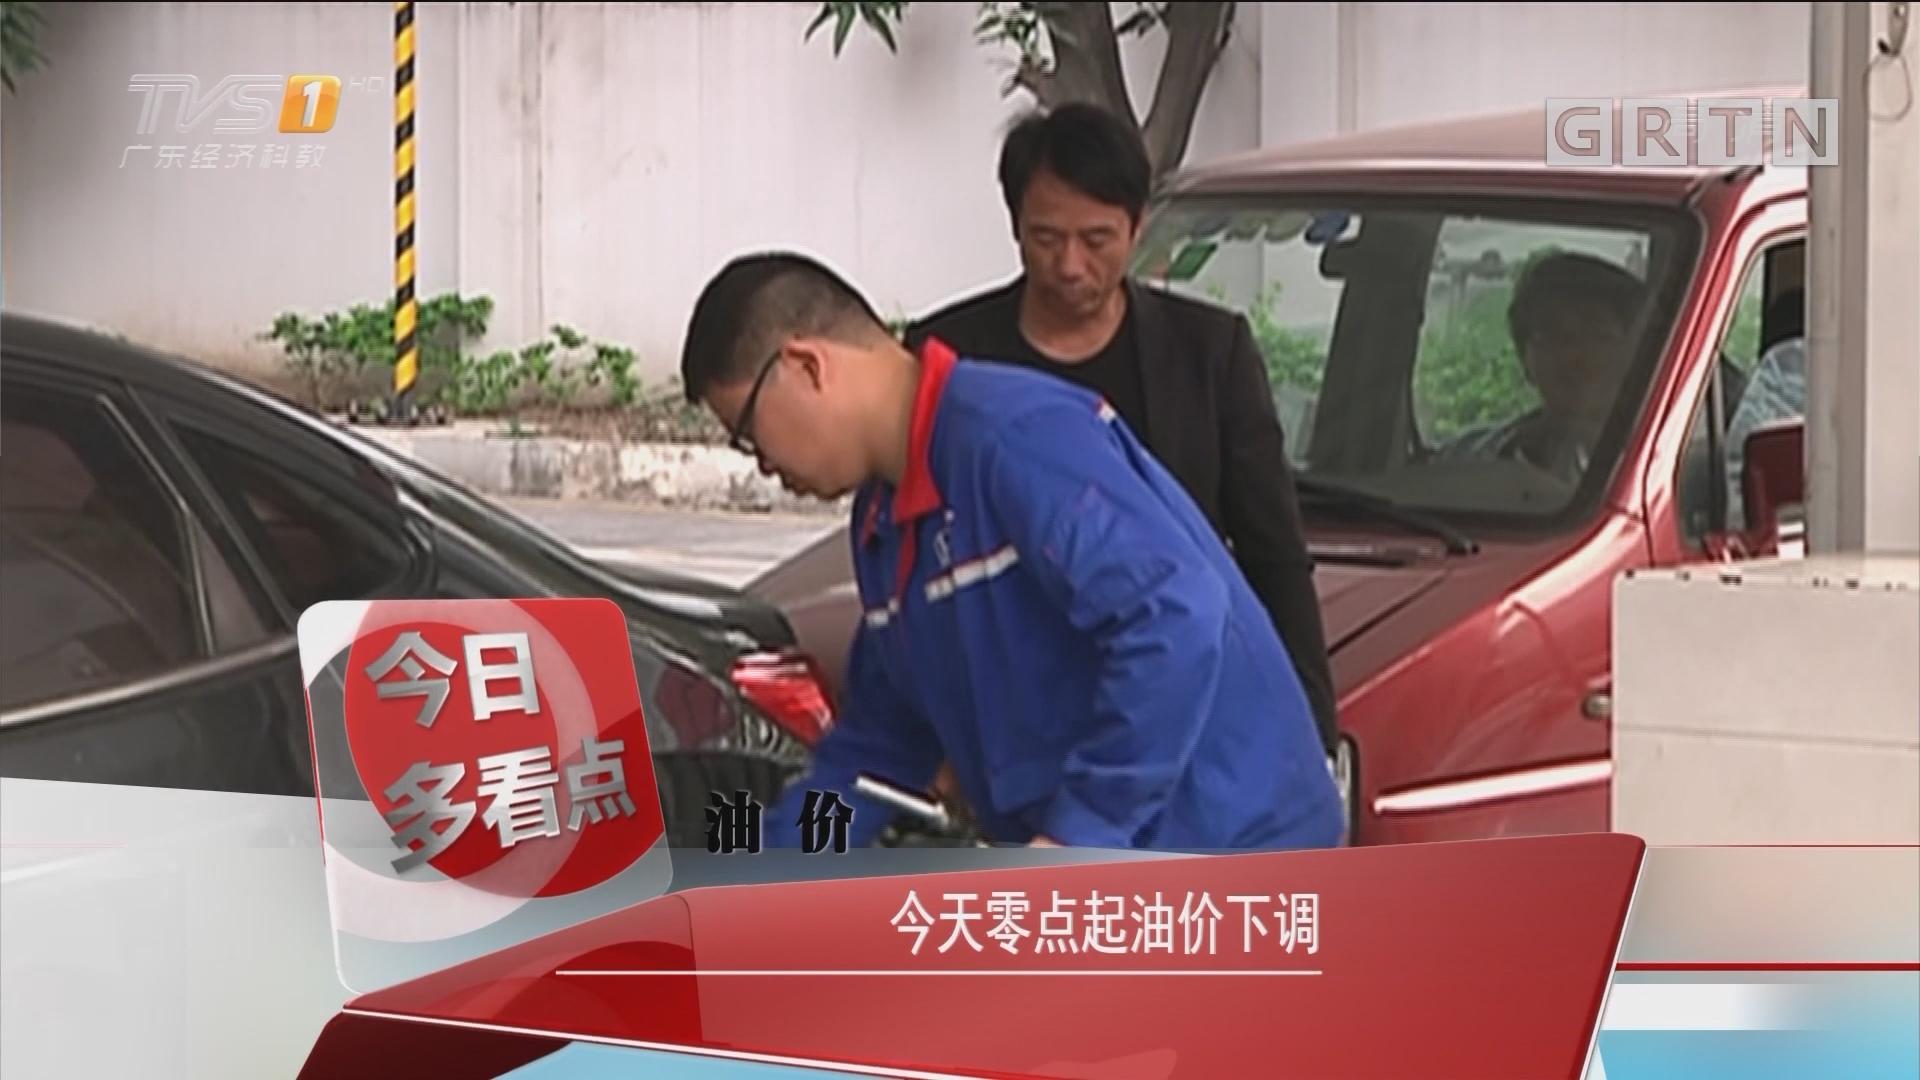 油价:今天零点起油价下调